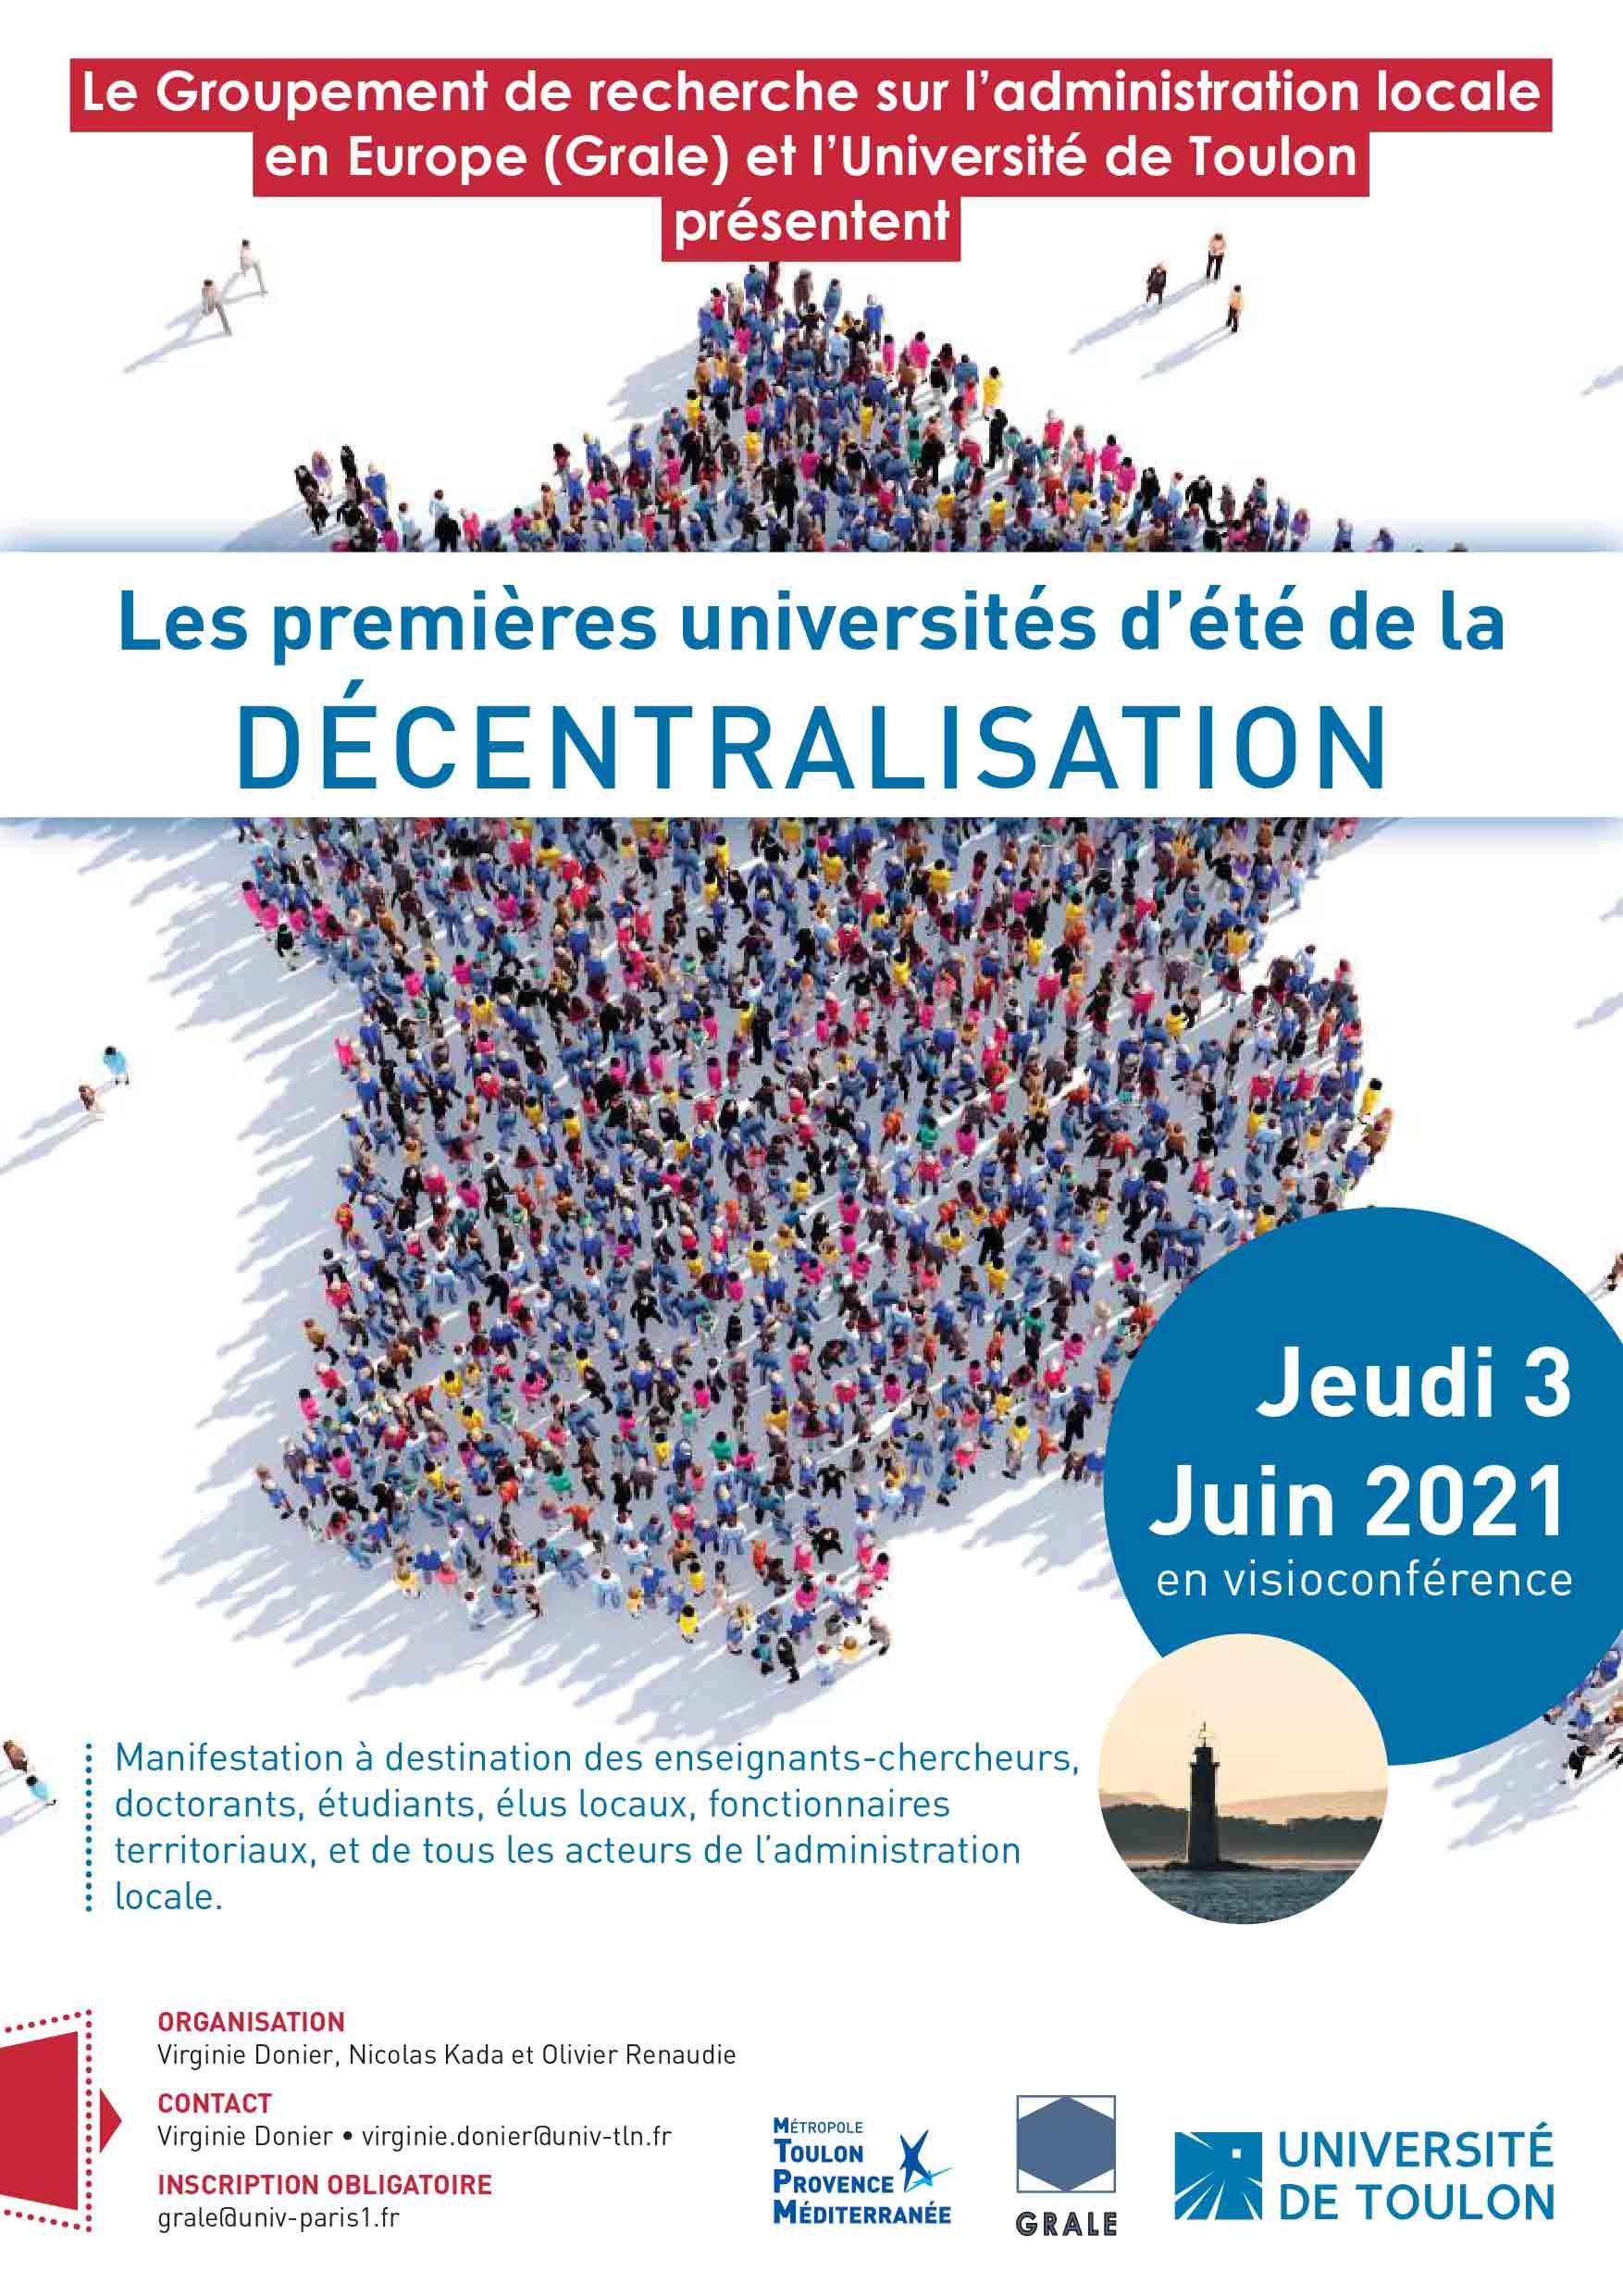 Les Premières Universités d'été de la décentralisation, 3 juin 2021 – Programme